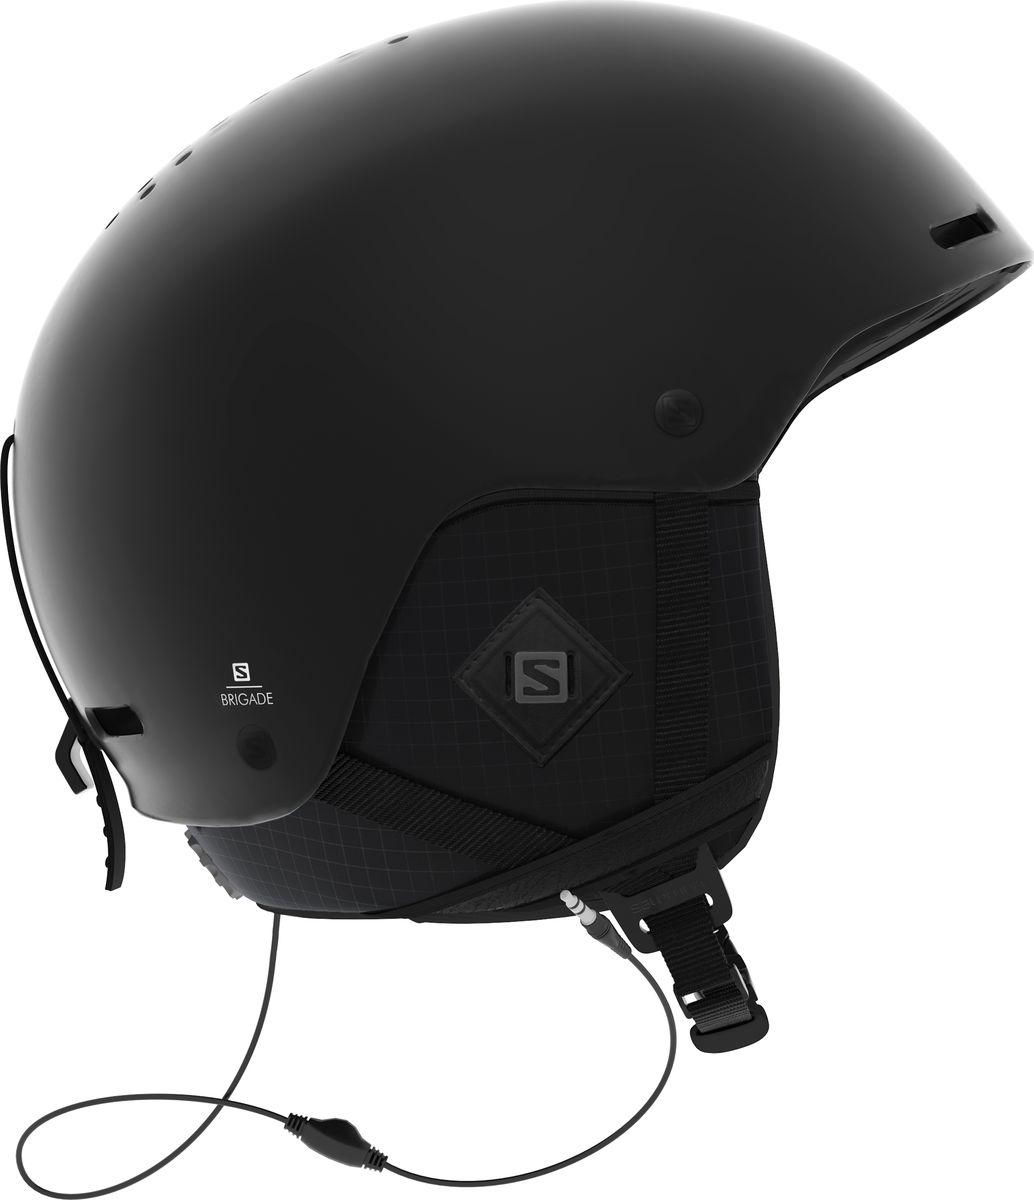 Шлем горнолыжный Salomon Brigade Audio All, цвет: черный. Размер M (56-59)